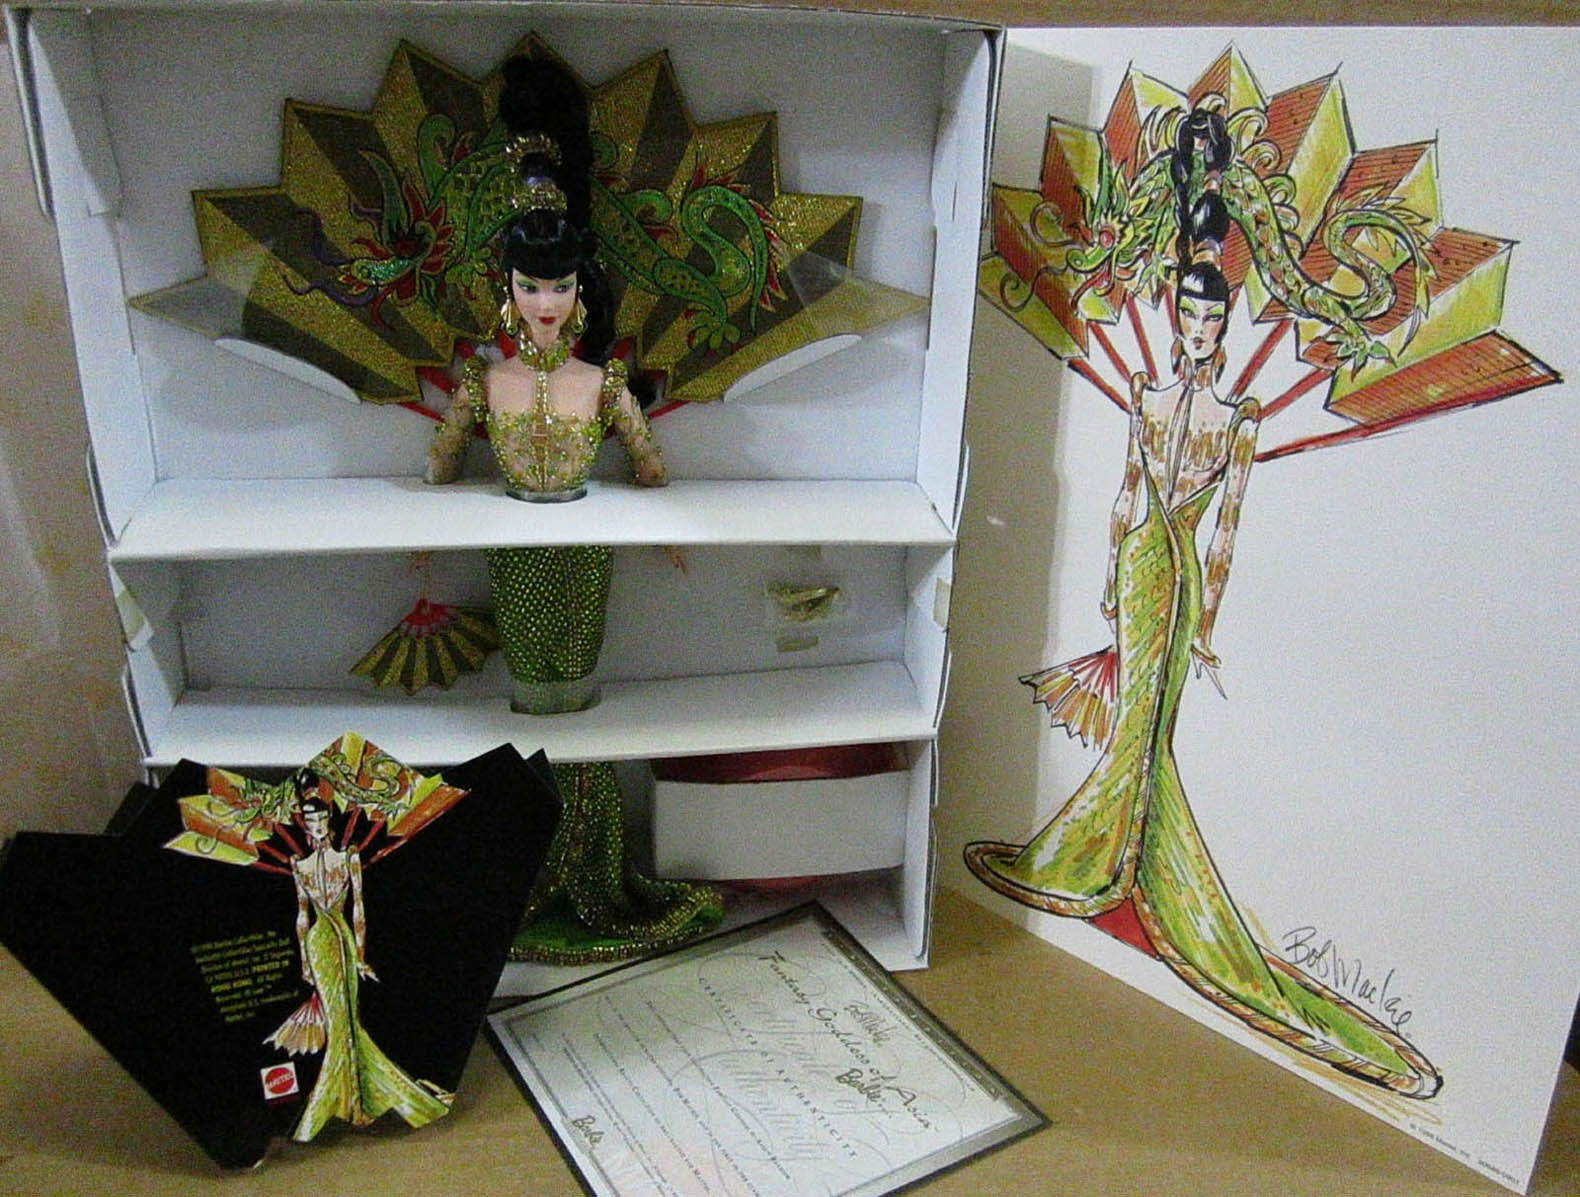 Bob Mackie Fantasía Diosa de Asia Muñeca Barbie 1st en una nueva serie en remitente A5